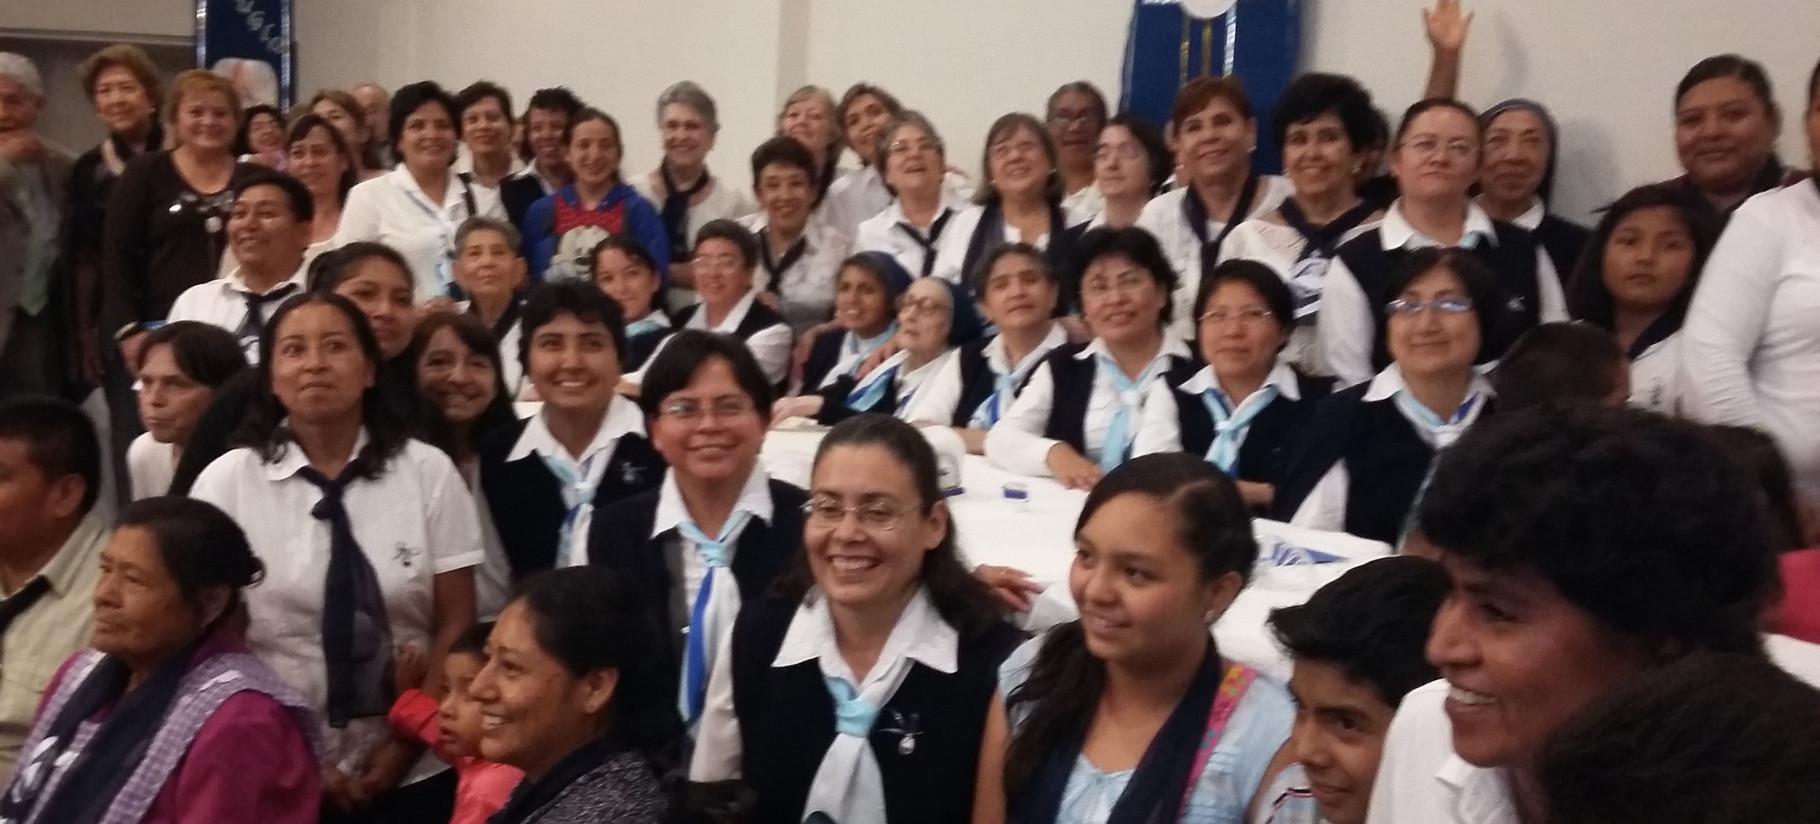 México: Misa de Acción de Gracias